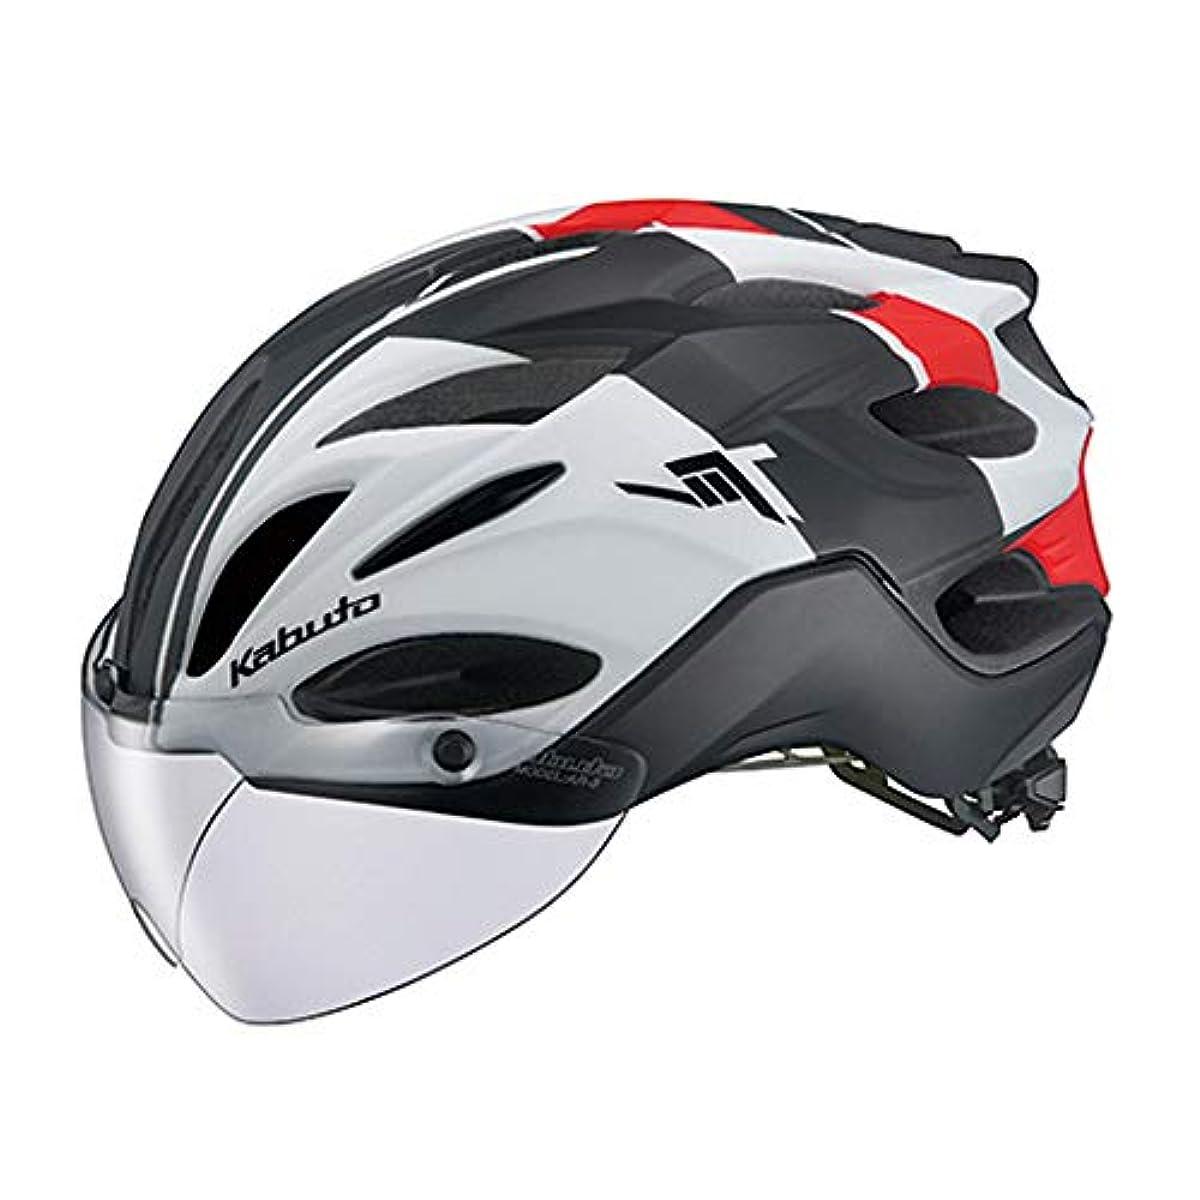 [해외] OGK KABUTO(OG K (카부)카브도) 헬멧 VITT (빗토) 컬러:G-1매트 화이트 레드